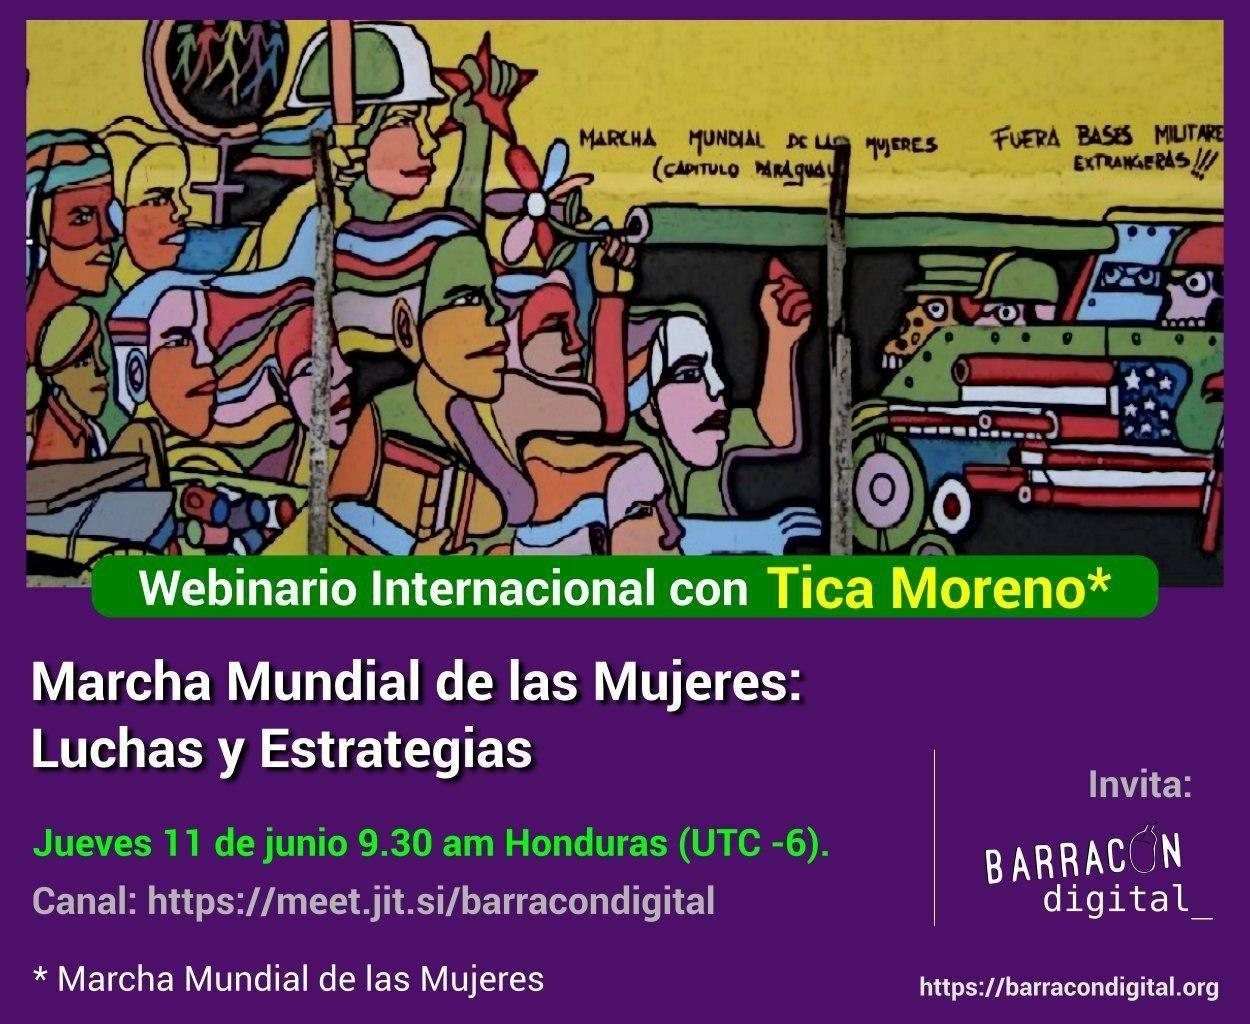 Marcha Mundial De Las Mujeres, Luchas y Estrategias